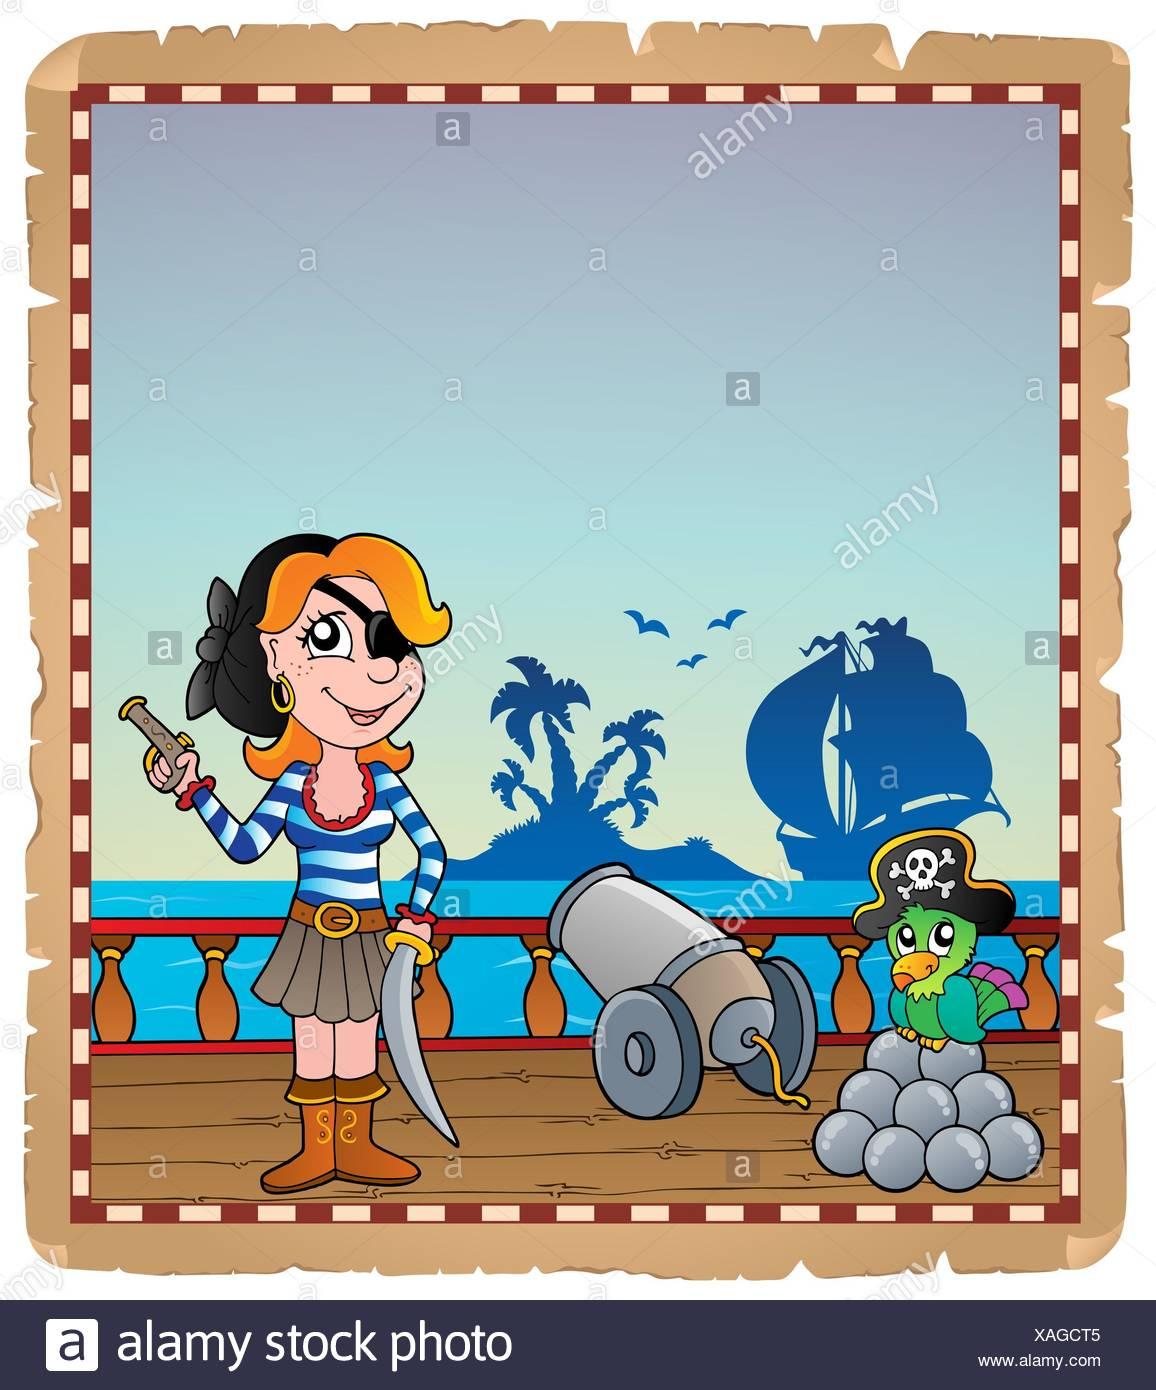 Pergament mit Piraten Schiffsdeck 5 - Bild-Darstellung. Stockbild